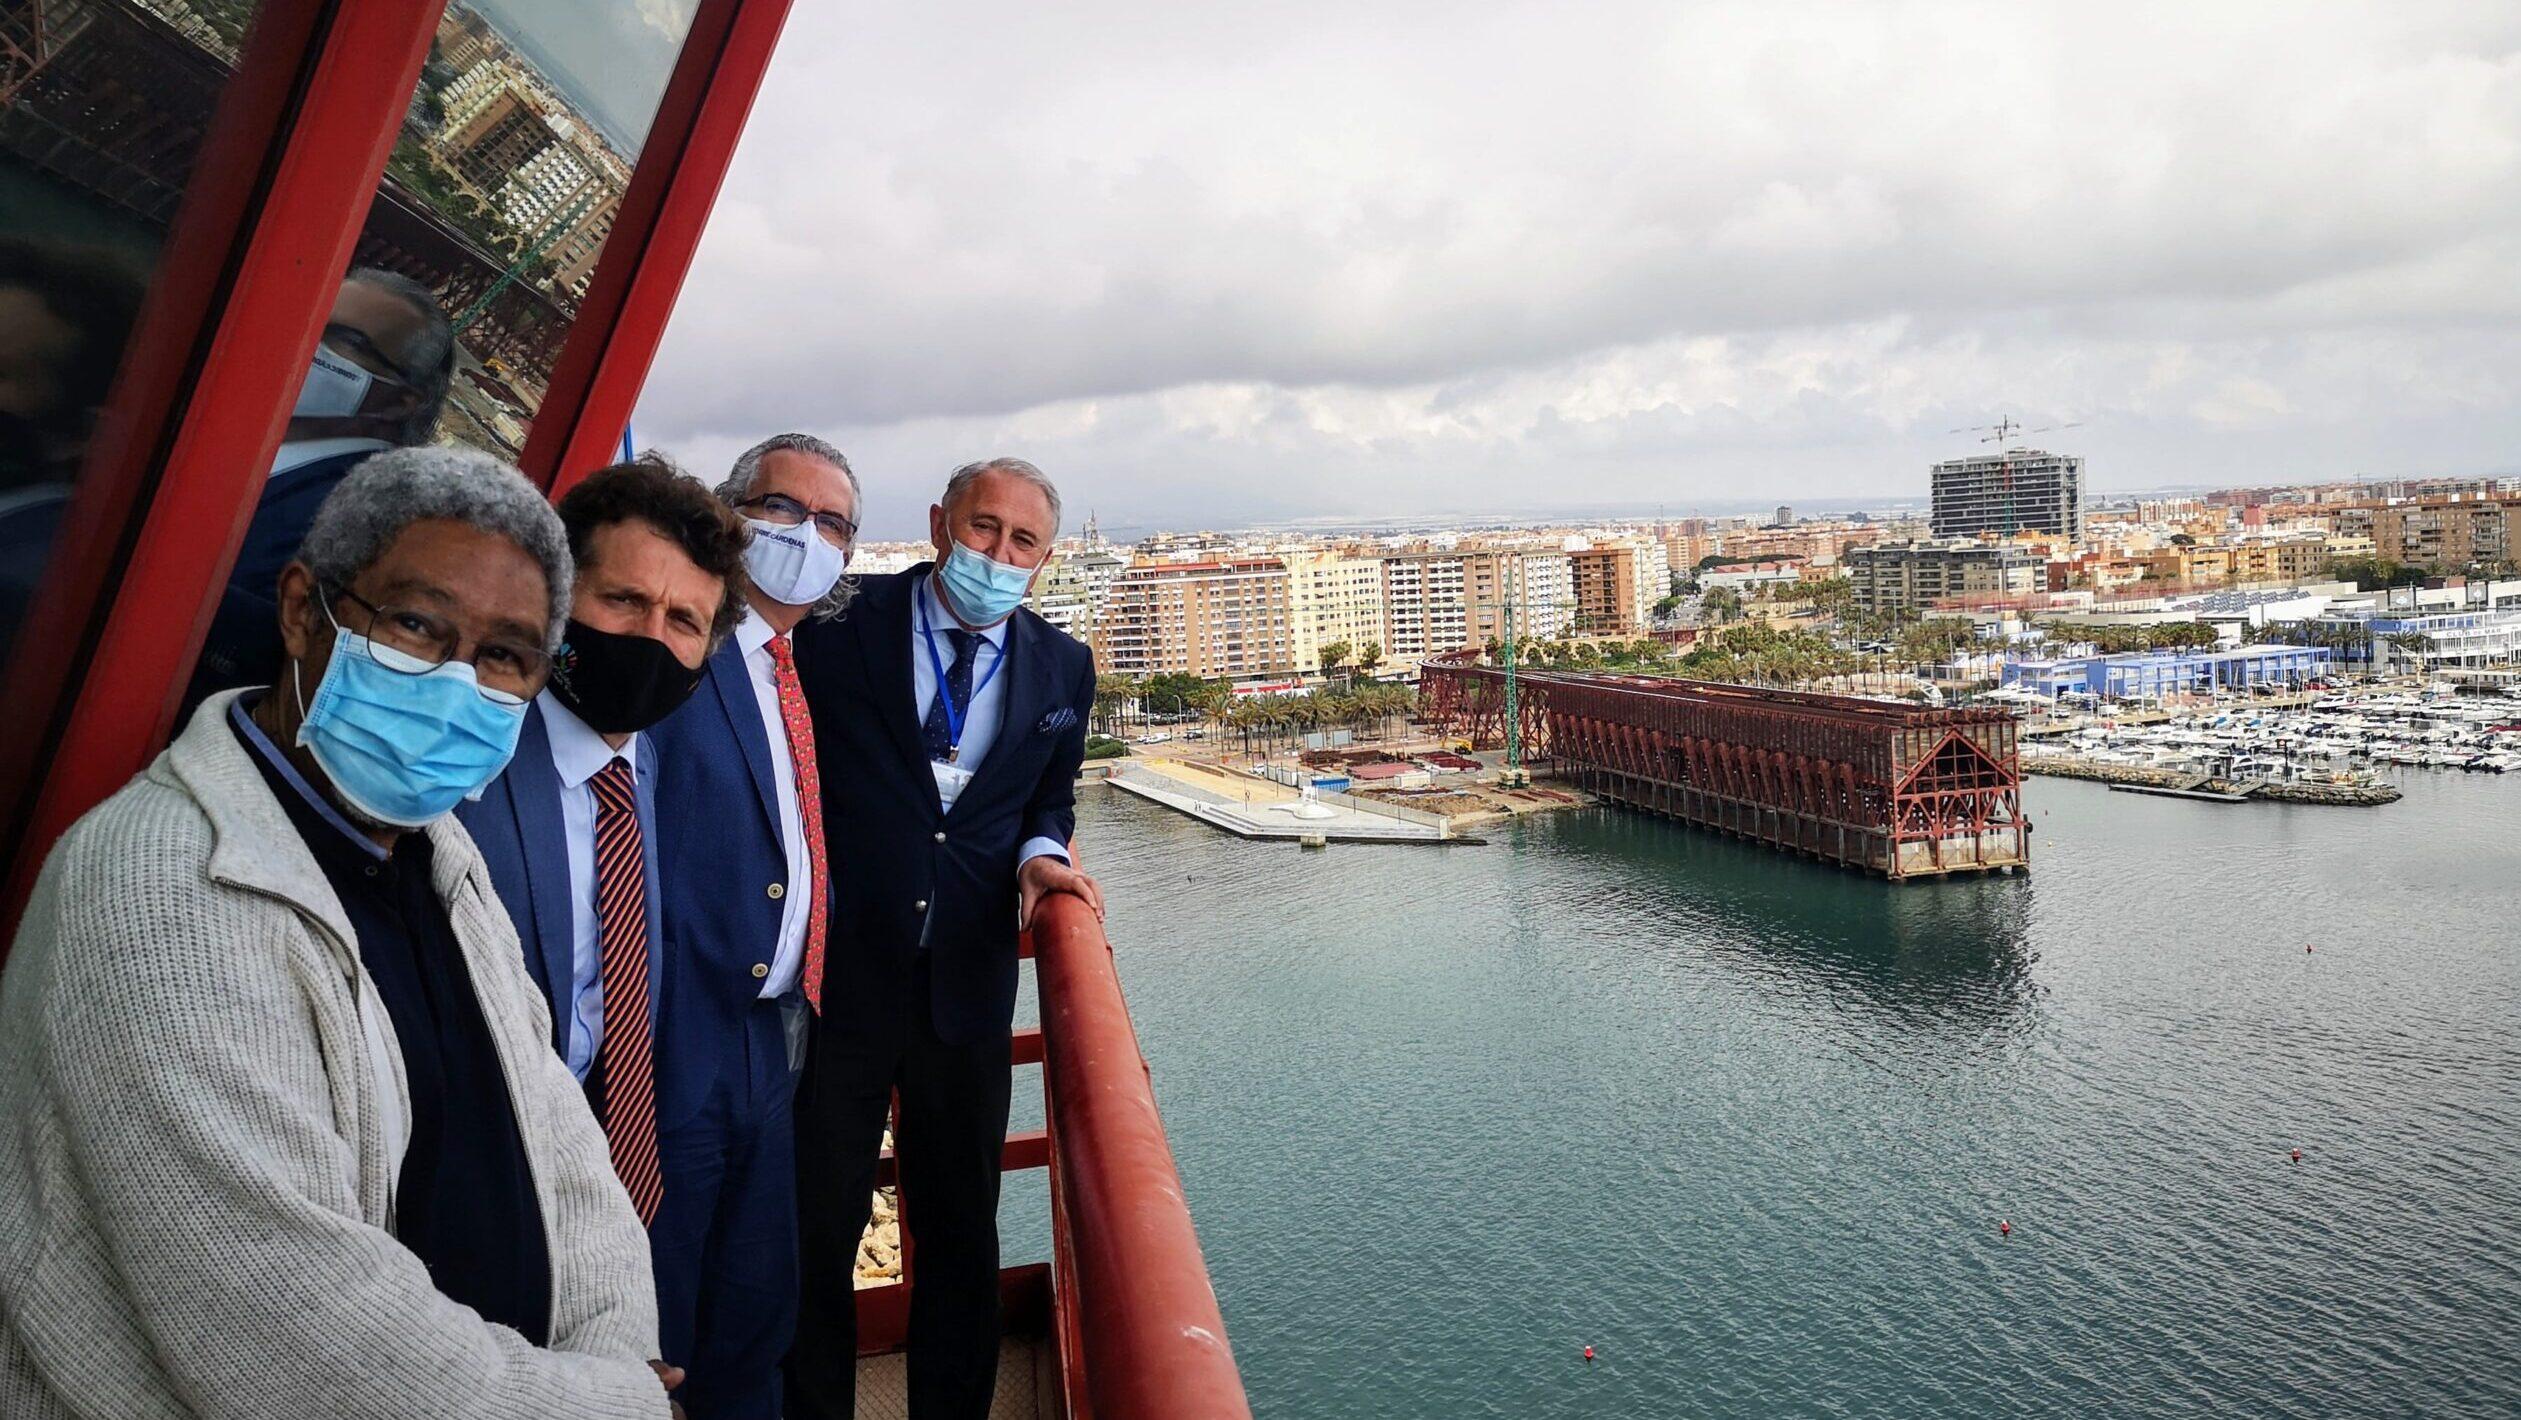 Dirigentes del Hospital Universitario Torrecárdenas, de visita en el puerto de Almería